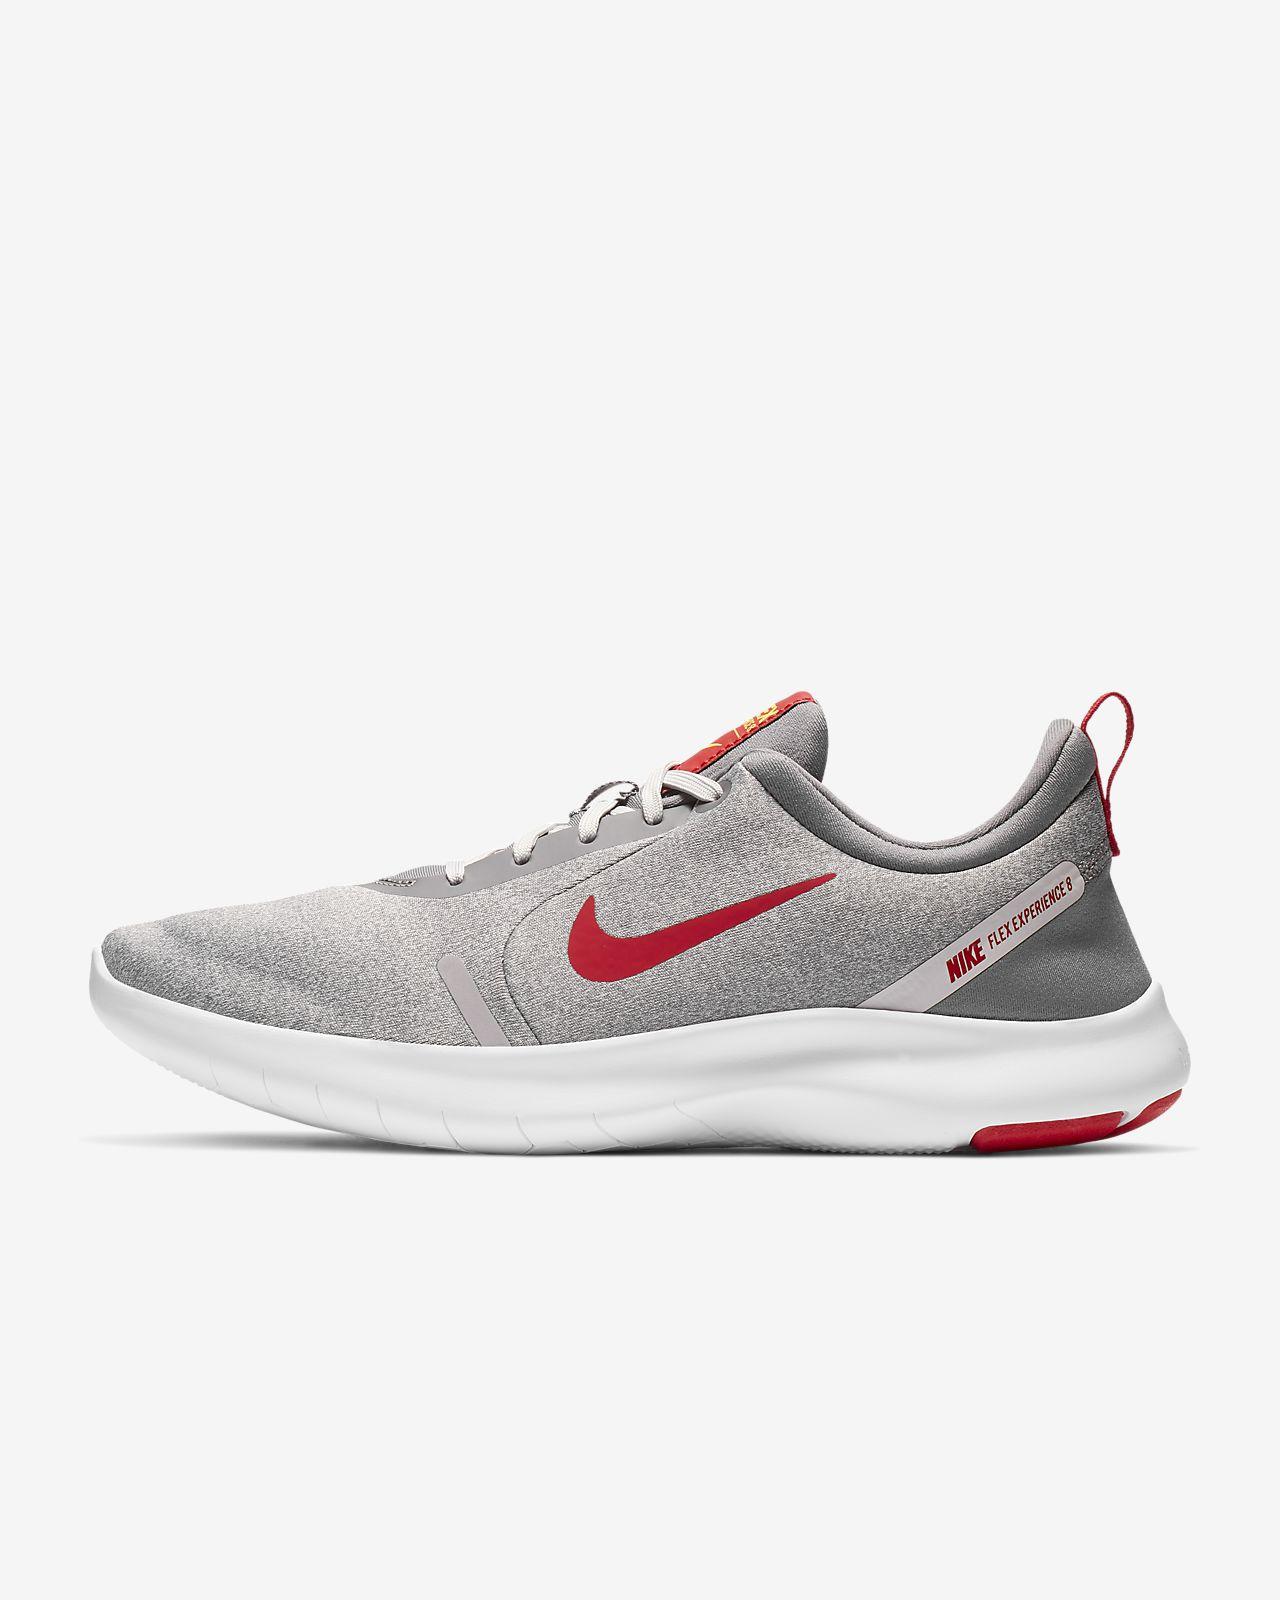 58eb9369d20e0 Nike Flex Experience RN 8 Men s Running Shoe. Nike.com AU